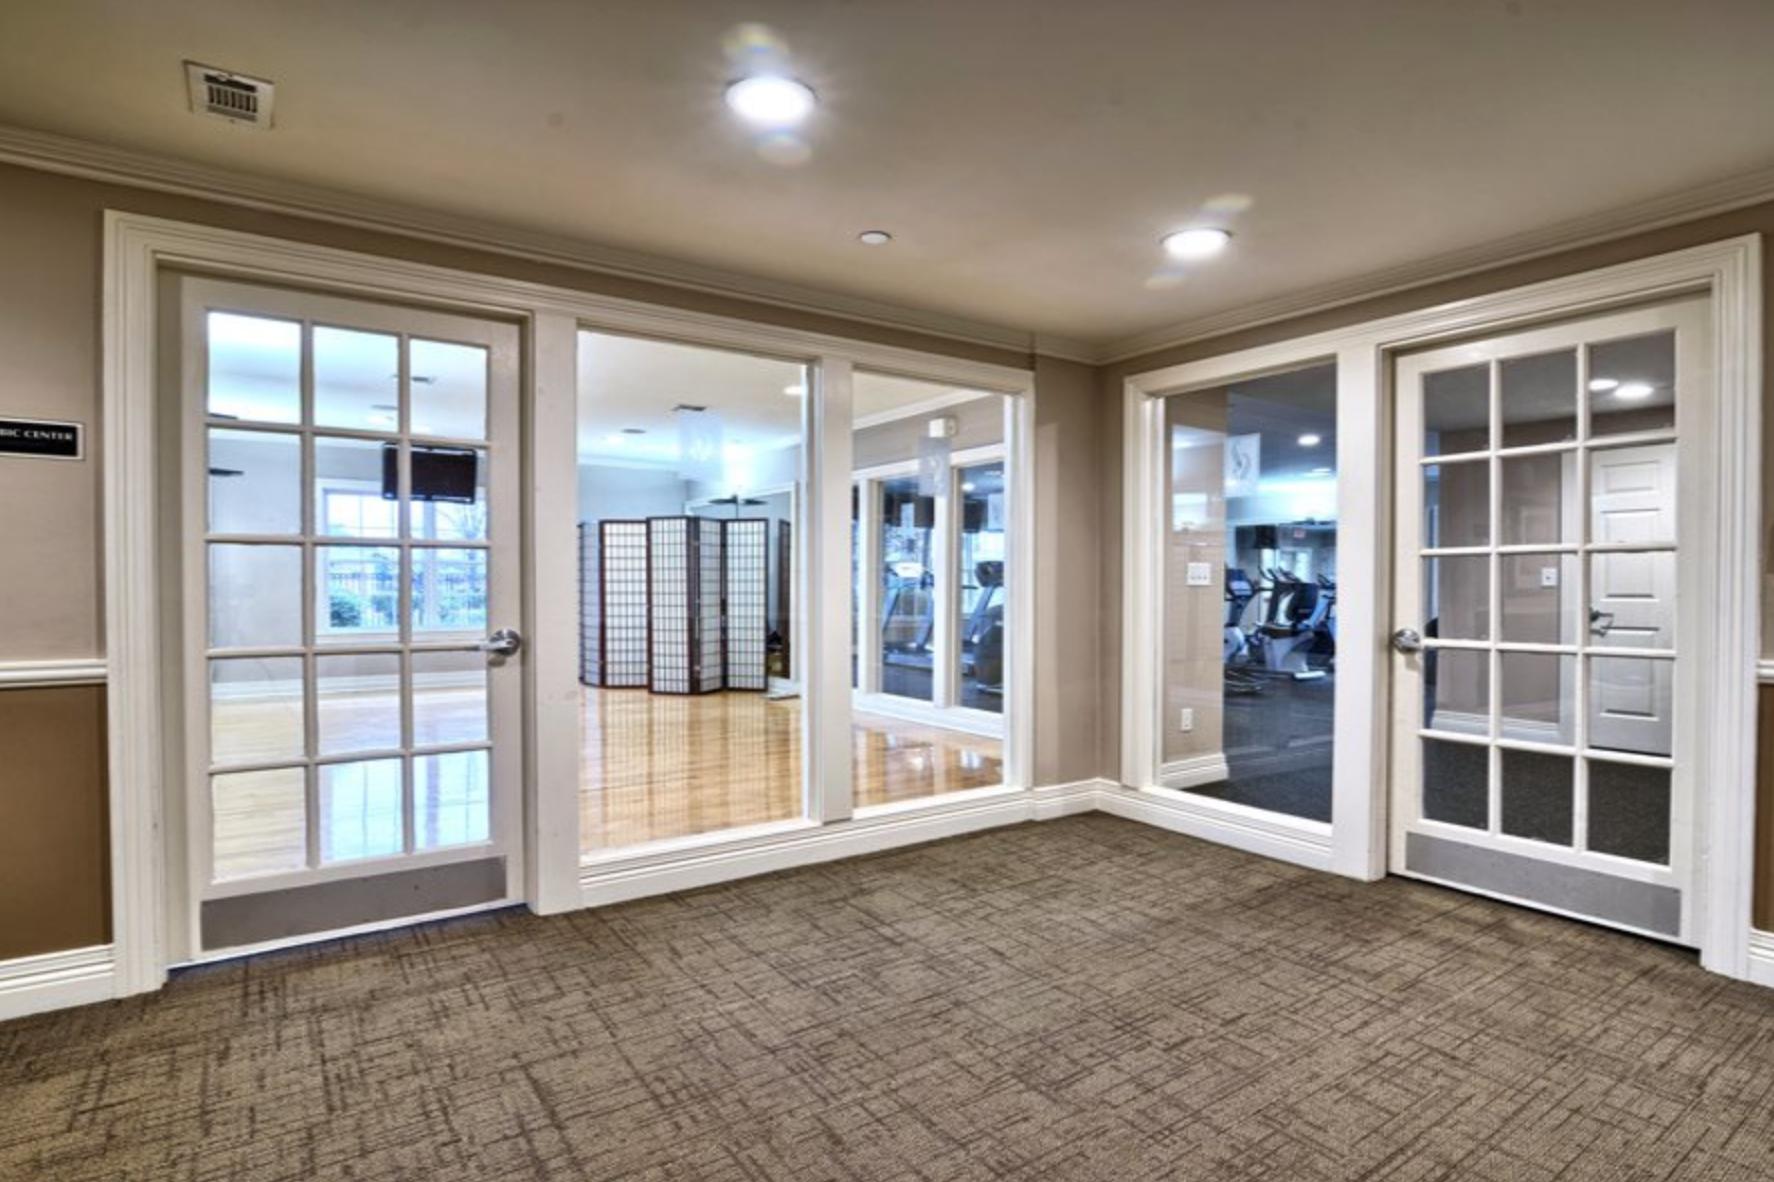 10 - Fitness Center